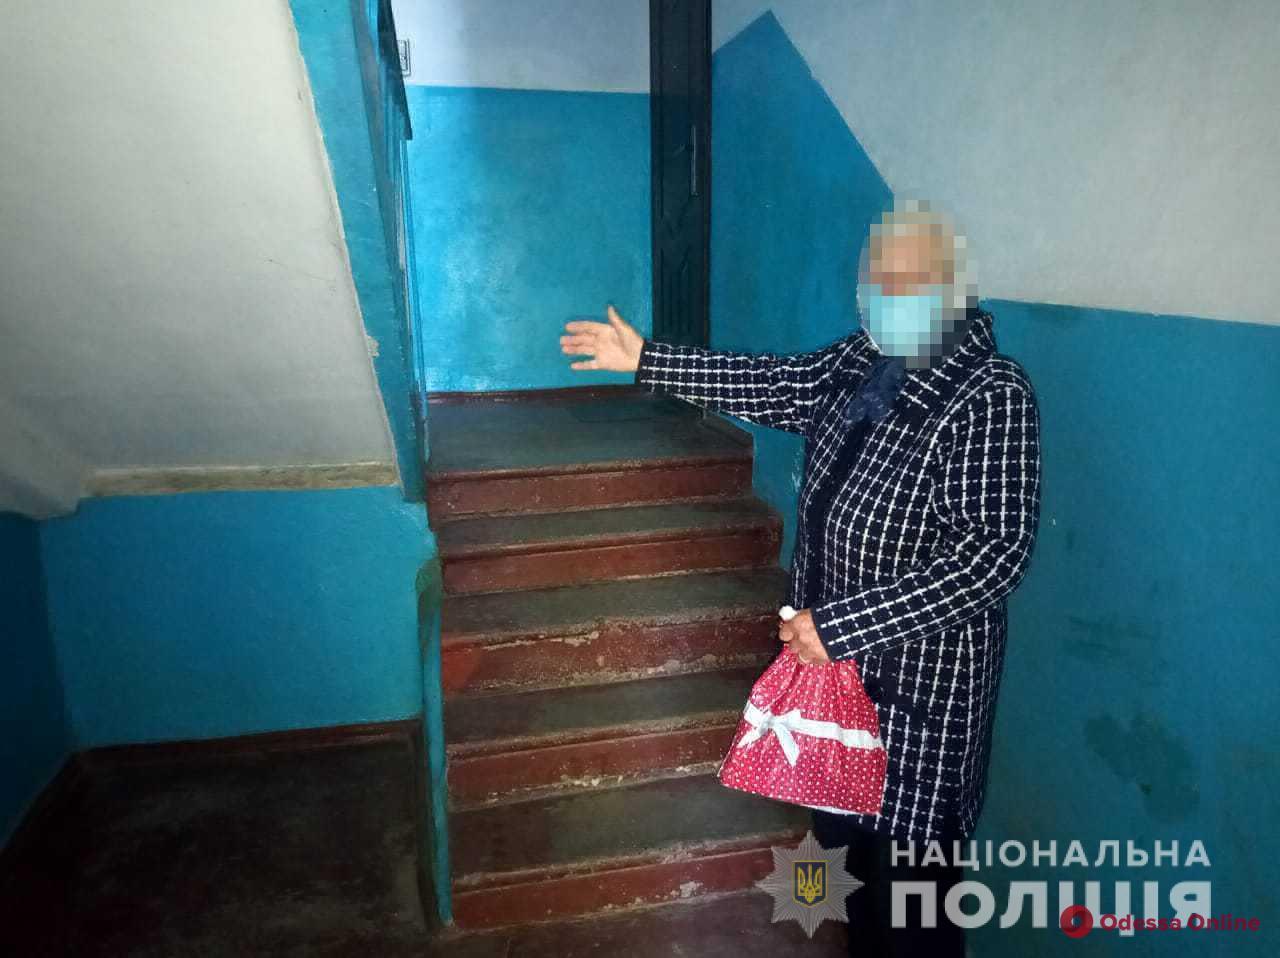 Жительница Подольска ограбила 85-летнюю женщину